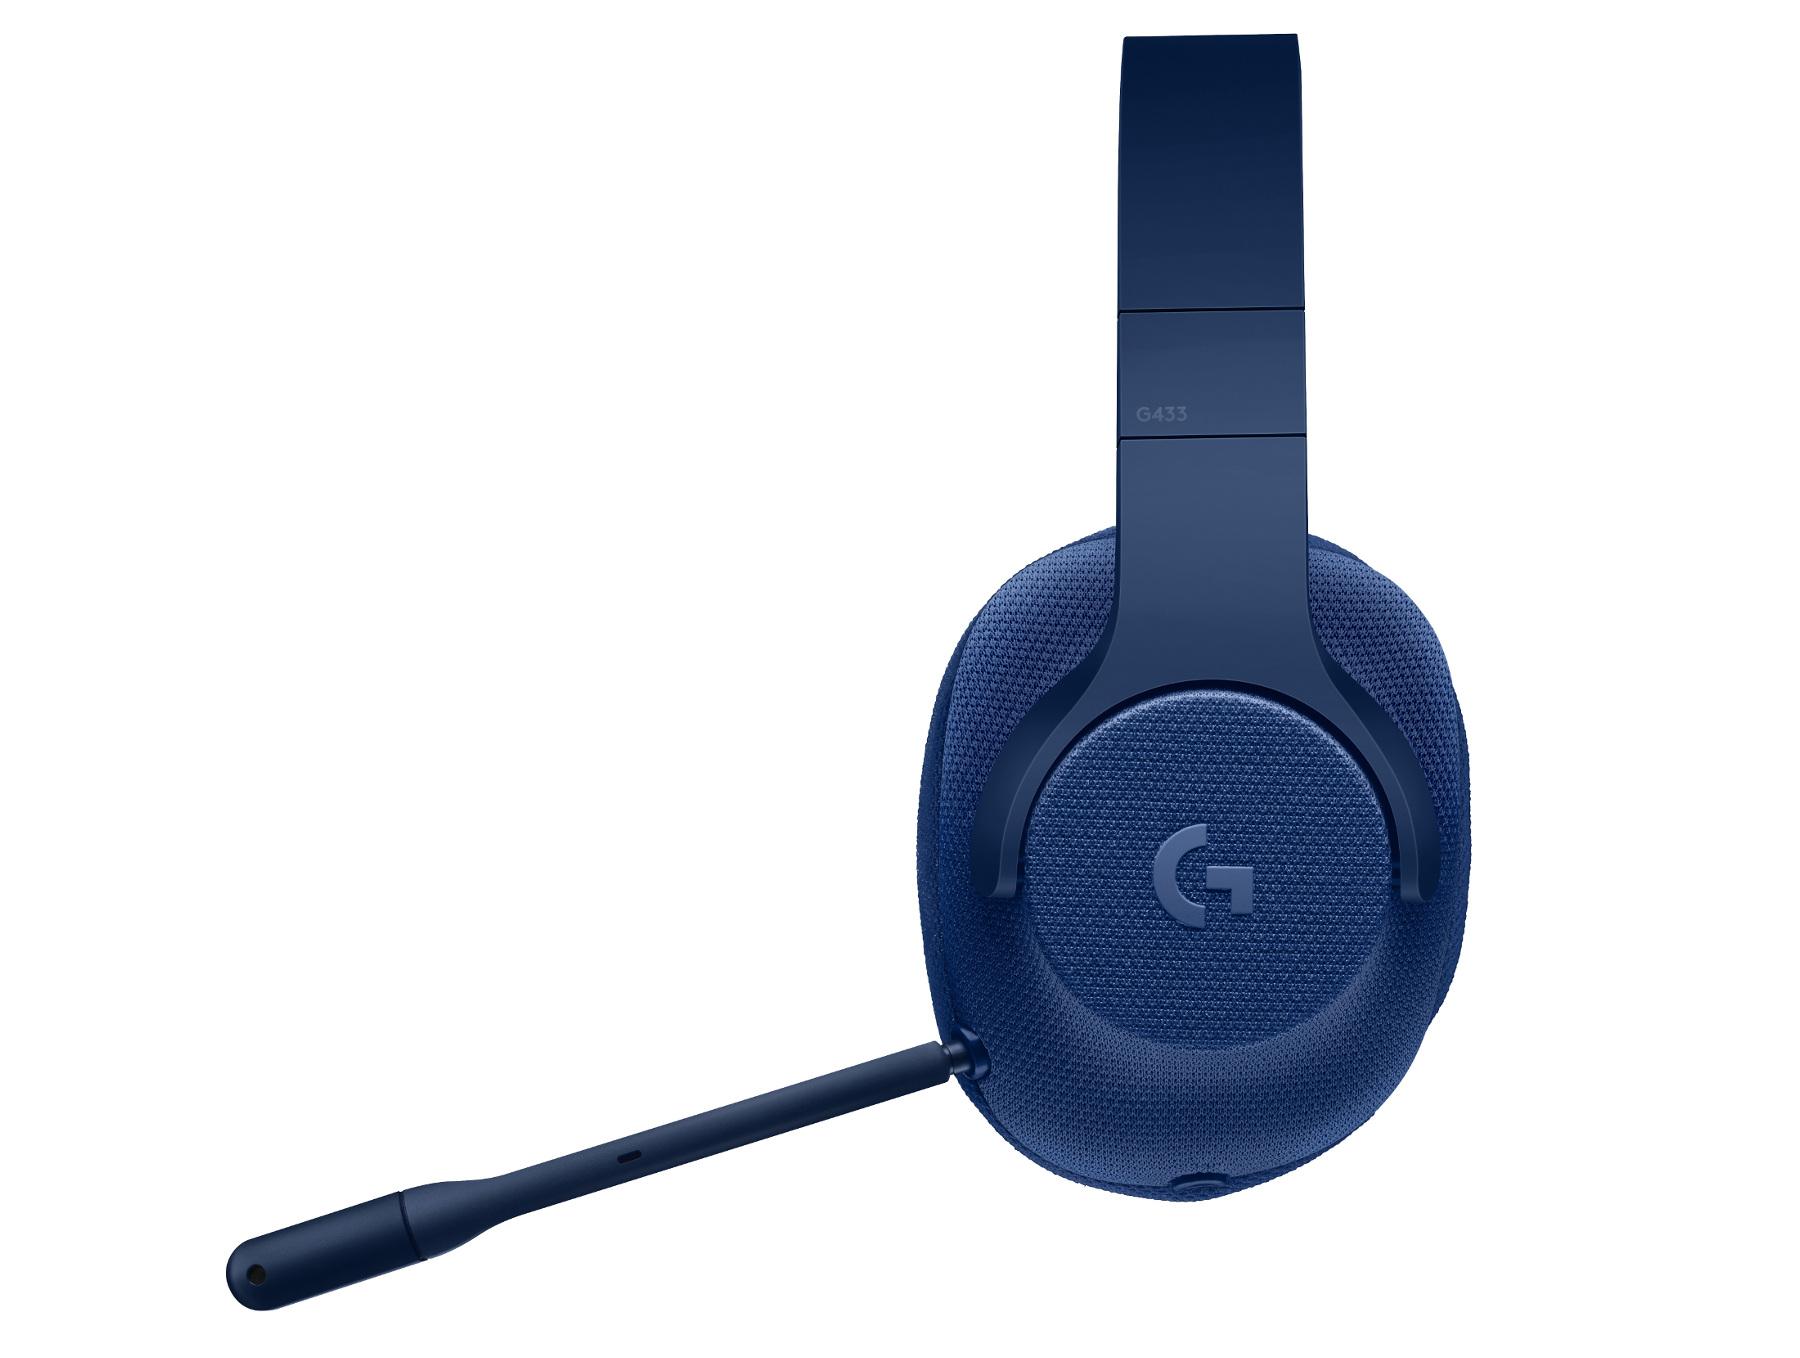 logitech-g433-blue.jpg